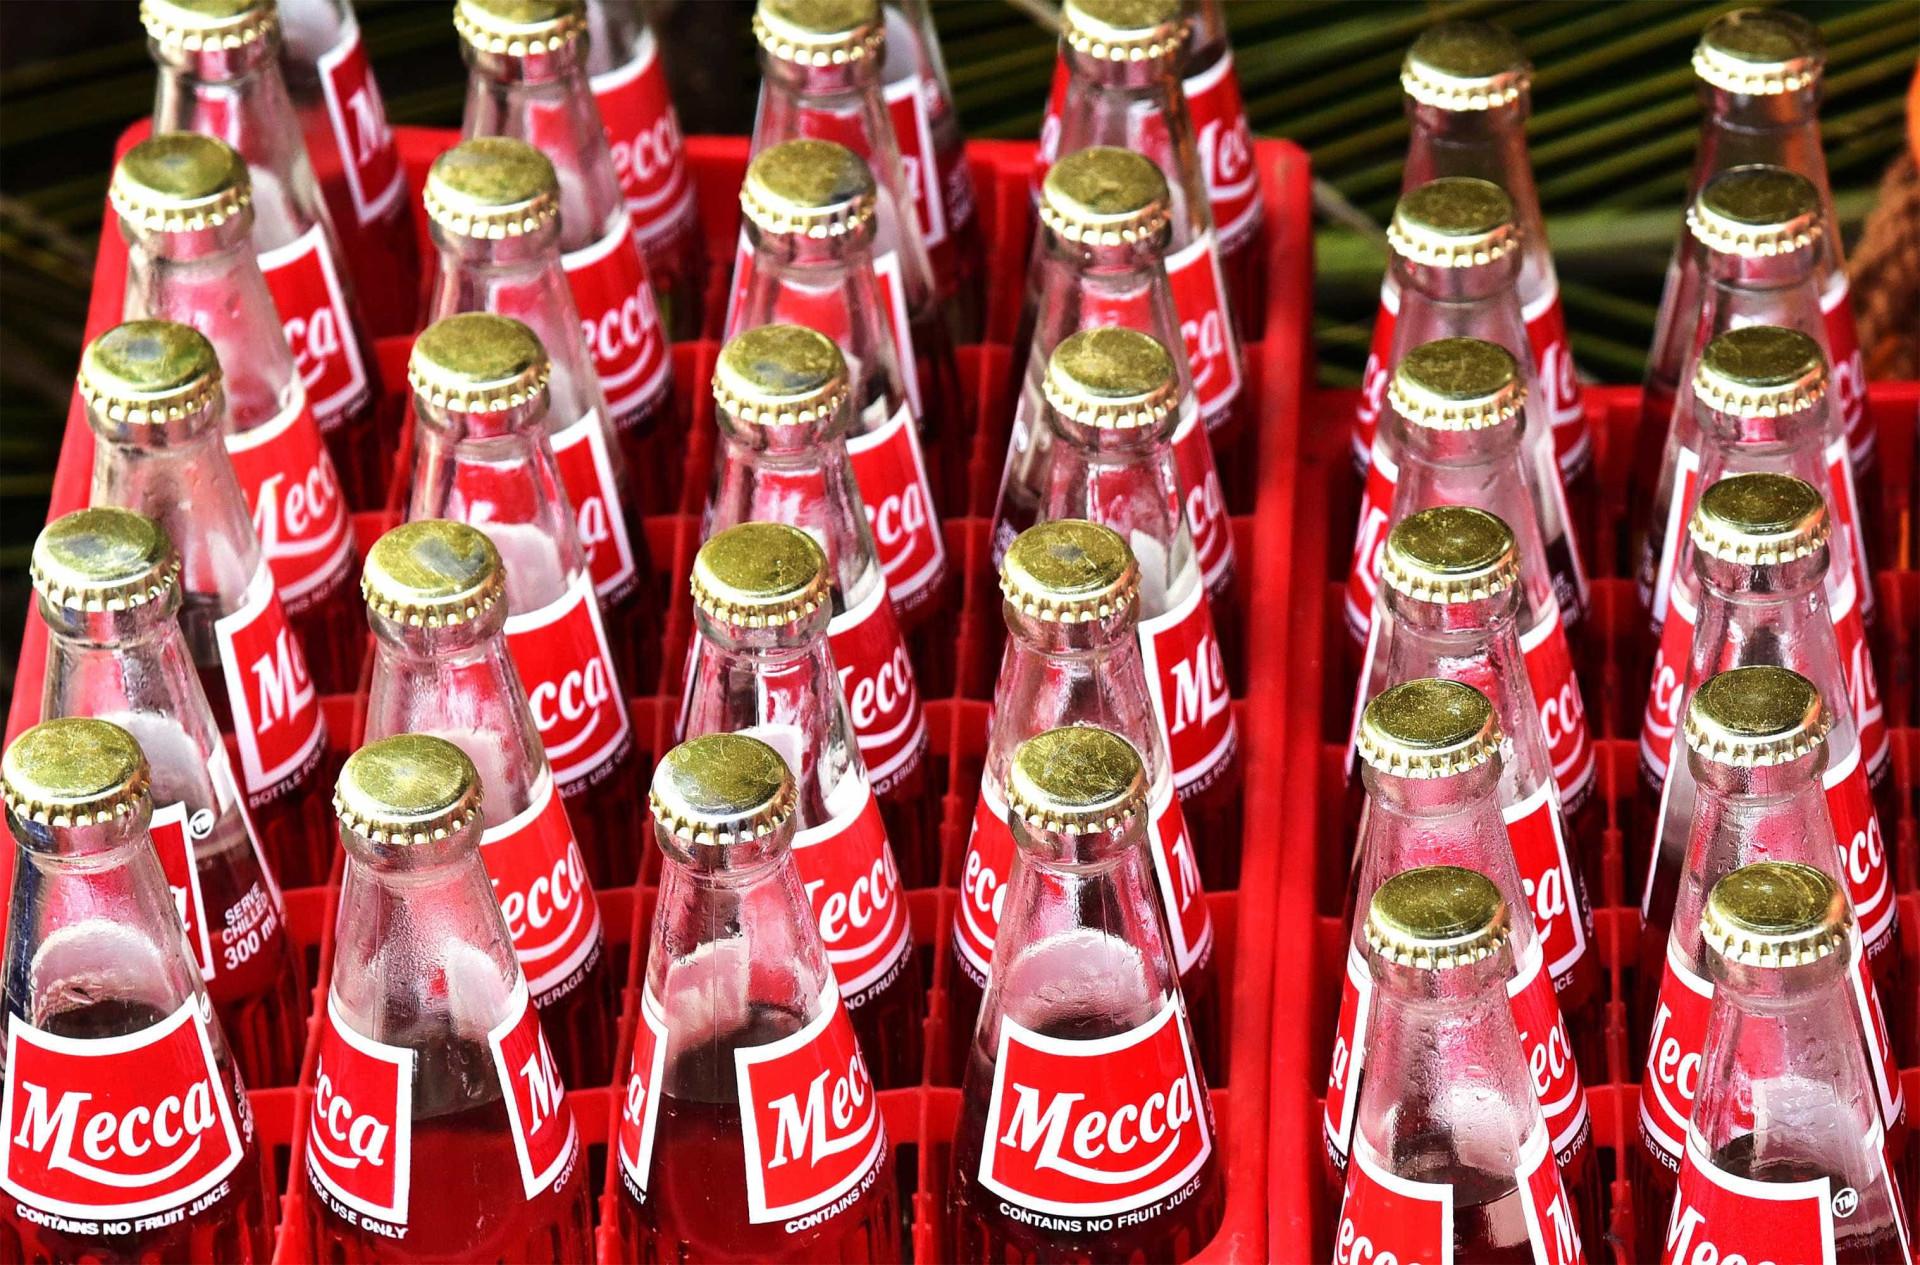 Trinta factos sobre refrigerantes que provavelmente desconhecia